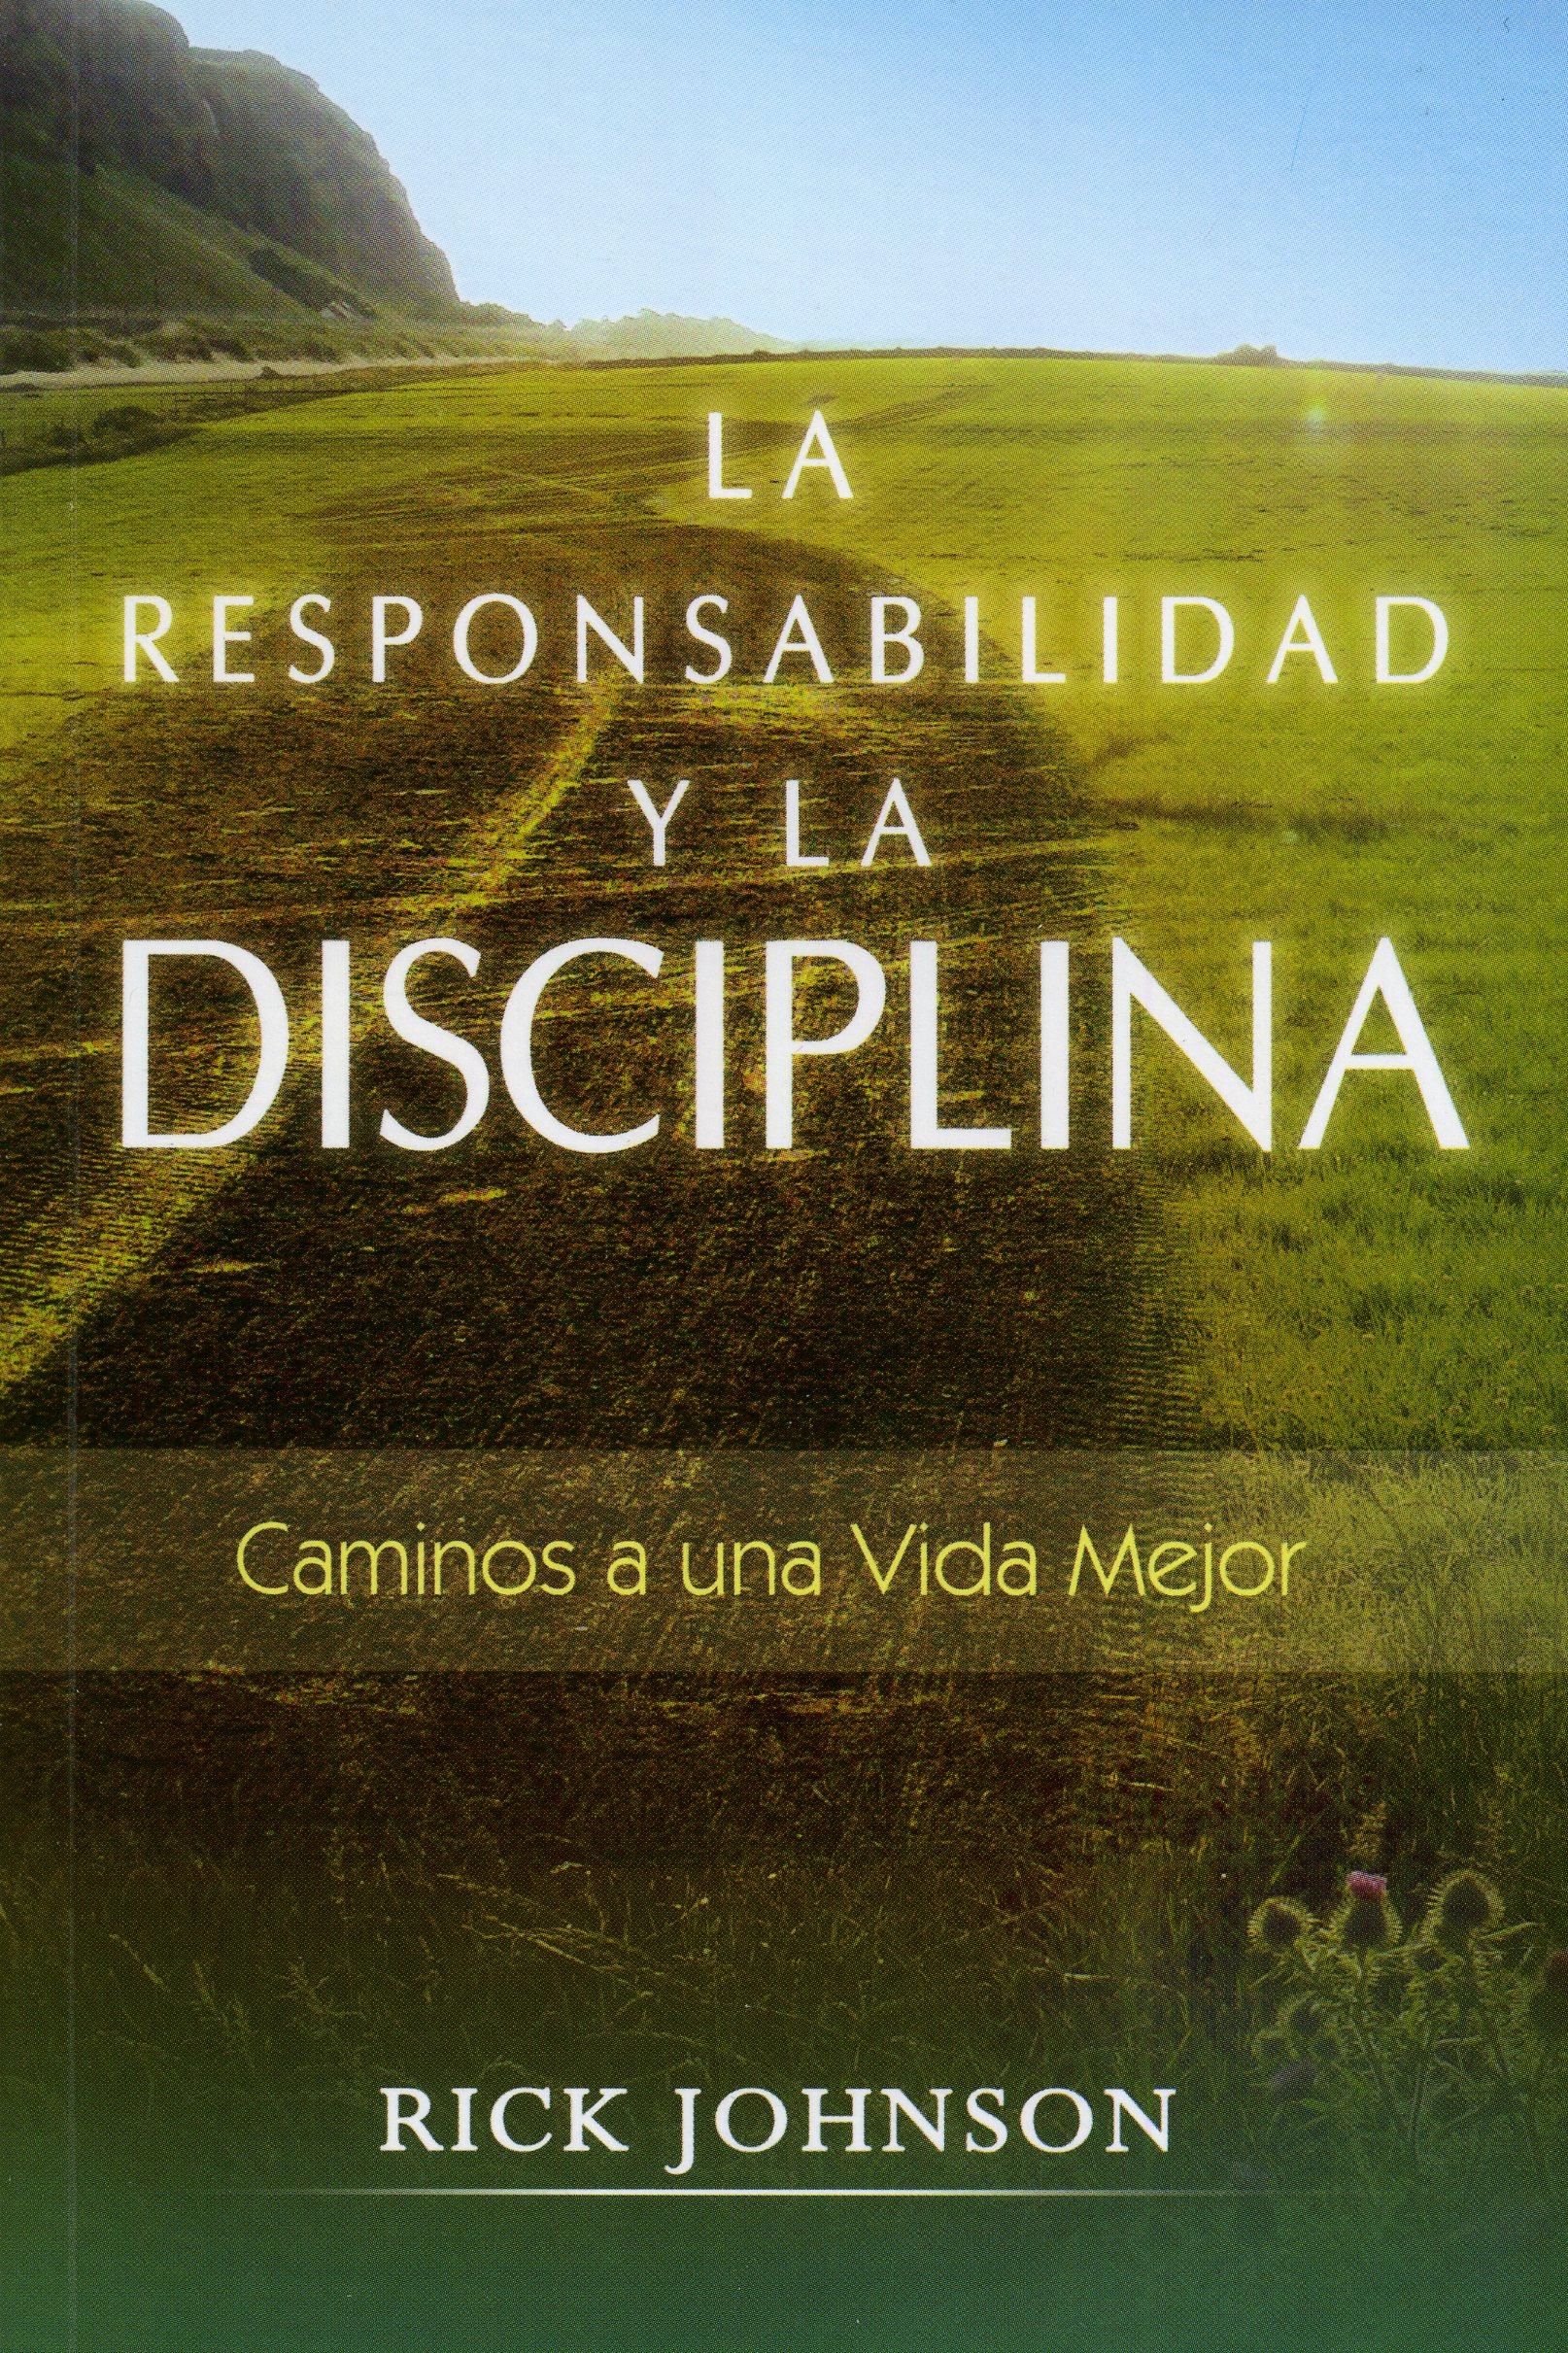 La Responsabilidad y la Disciplina